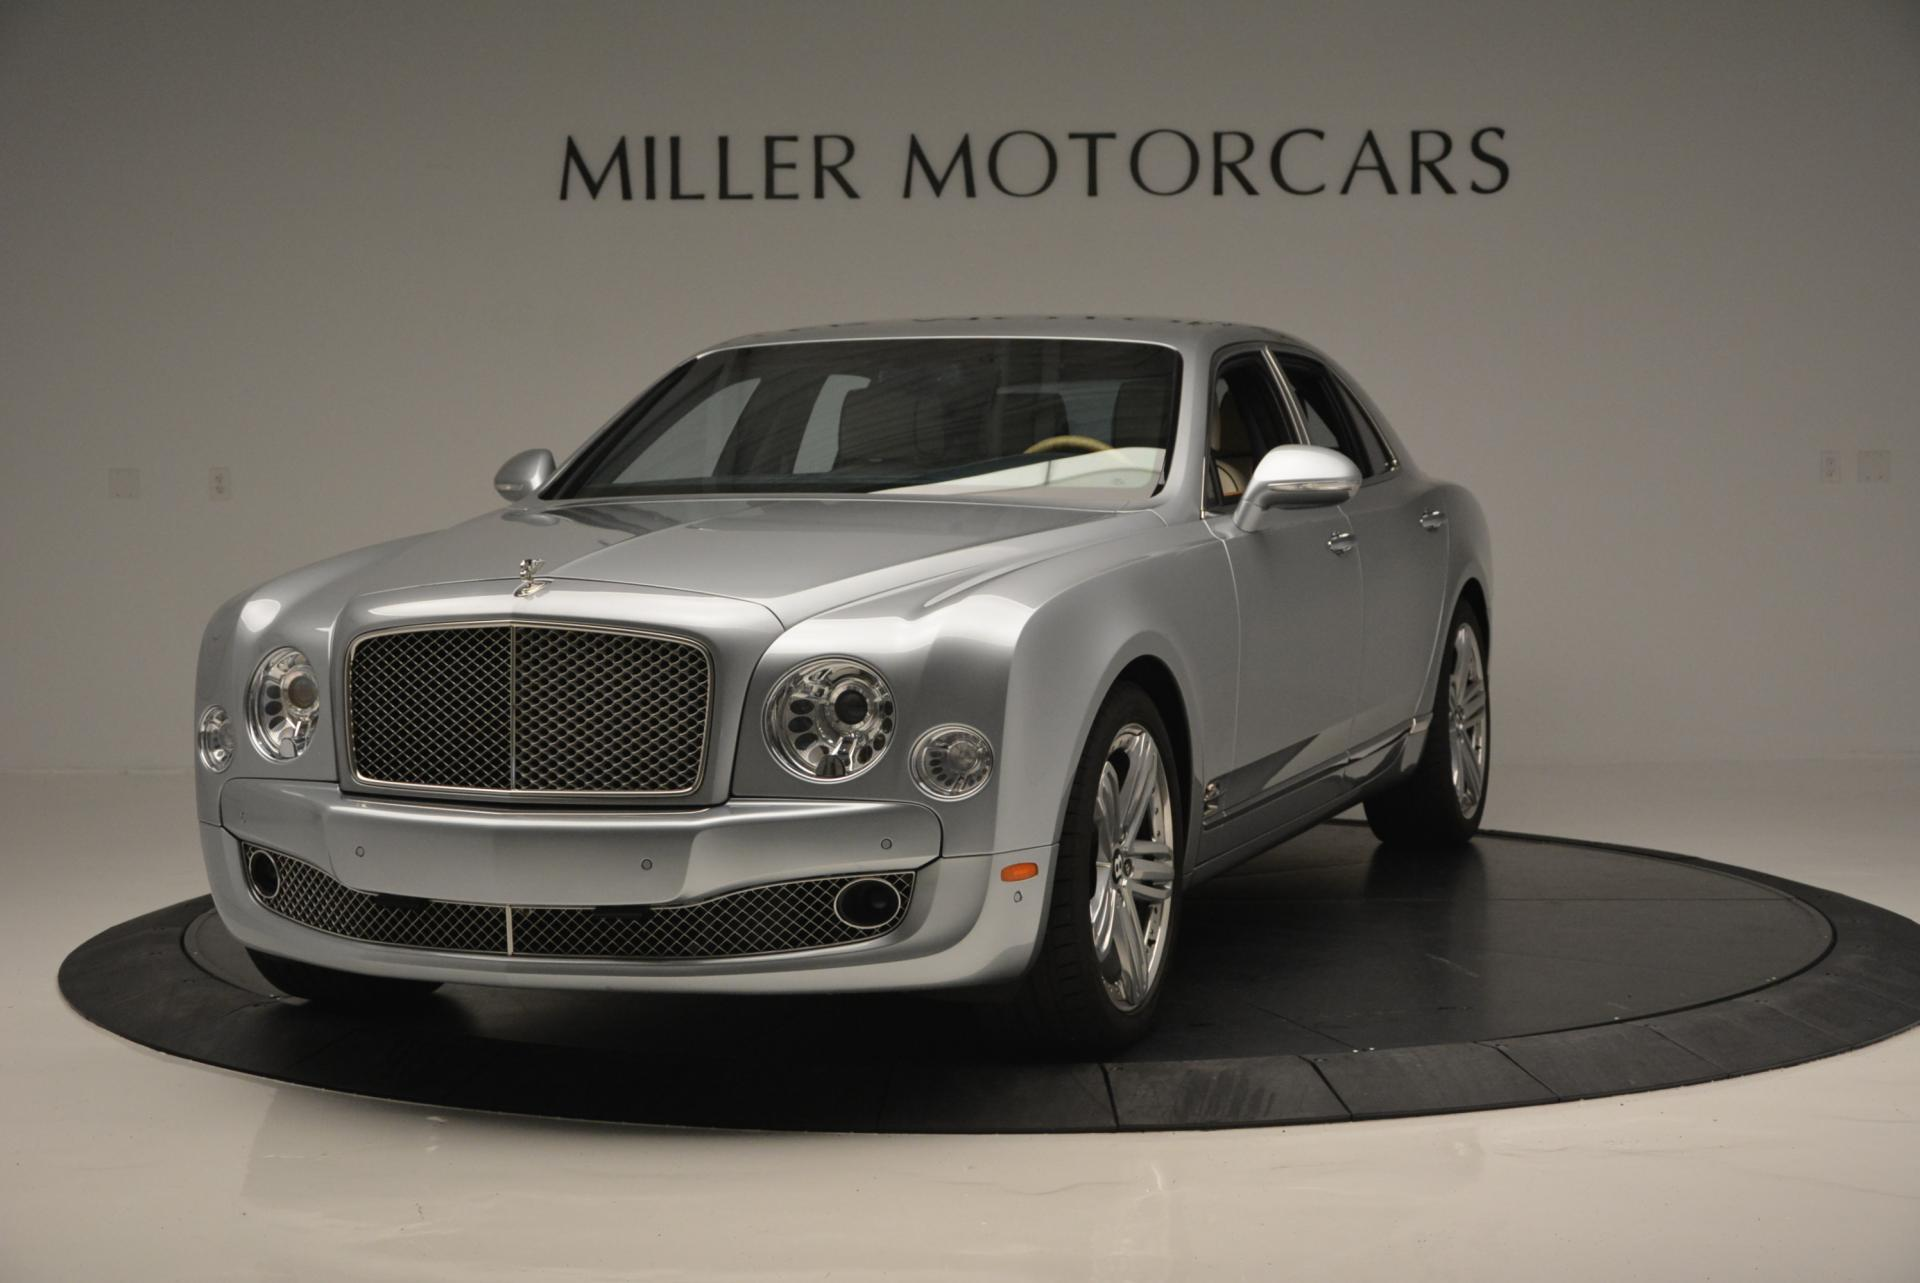 Used 2012 Bentley Mulsanne for sale Sold at Alfa Romeo of Westport in Westport CT 06880 1